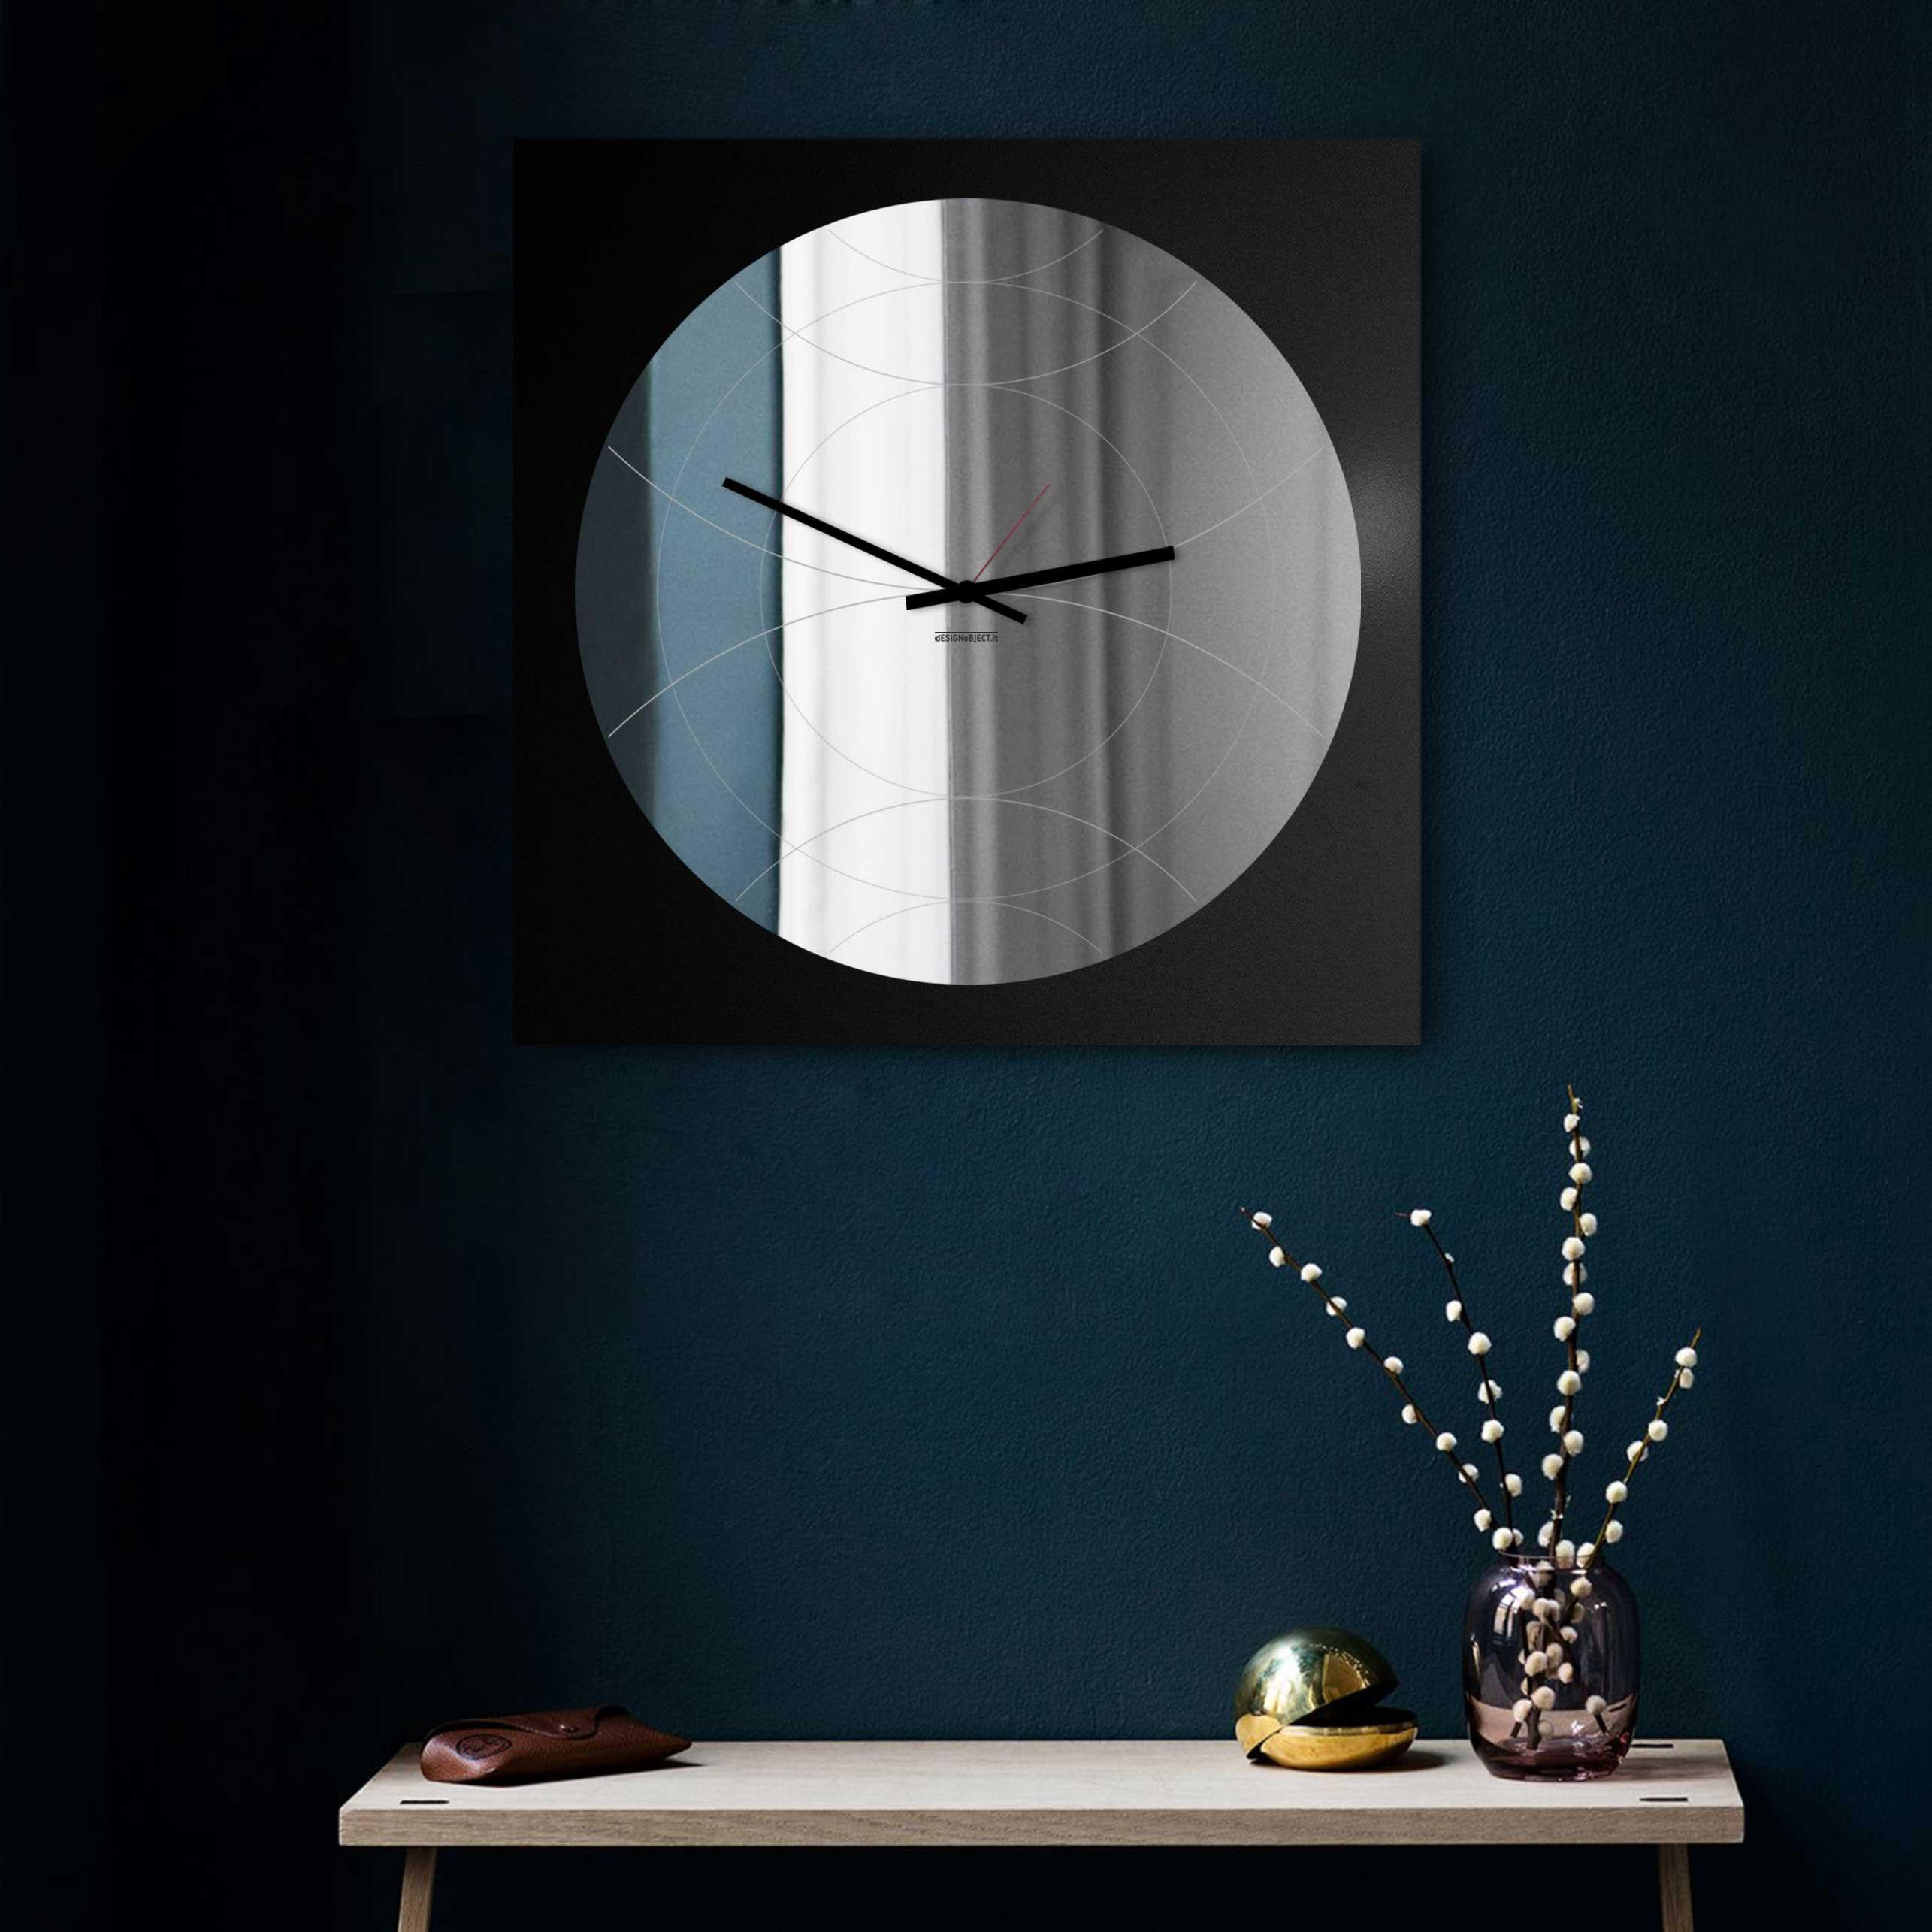 """Pareti A Specchio Design design object orologio da parete specchiato stile moderno design italiano  """"specchio narciso"""""""